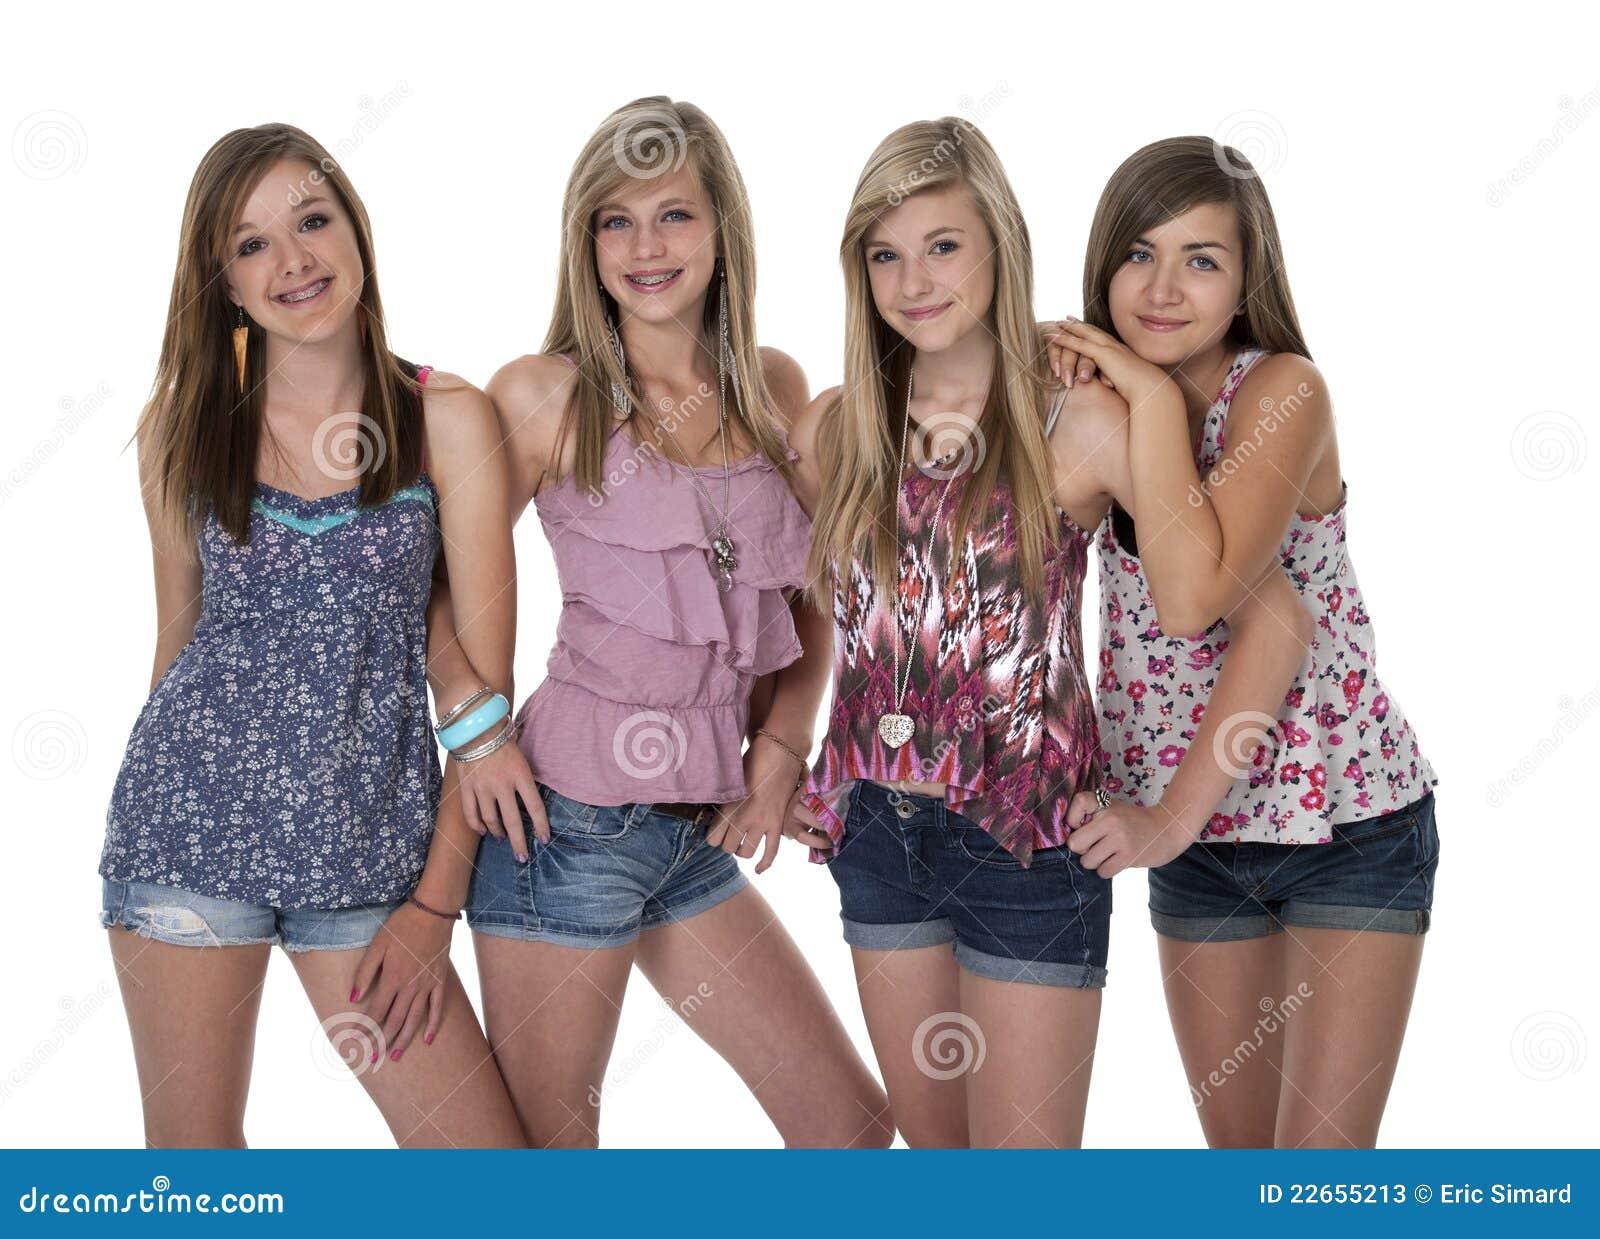 Фото подружек подростков 3 фотография